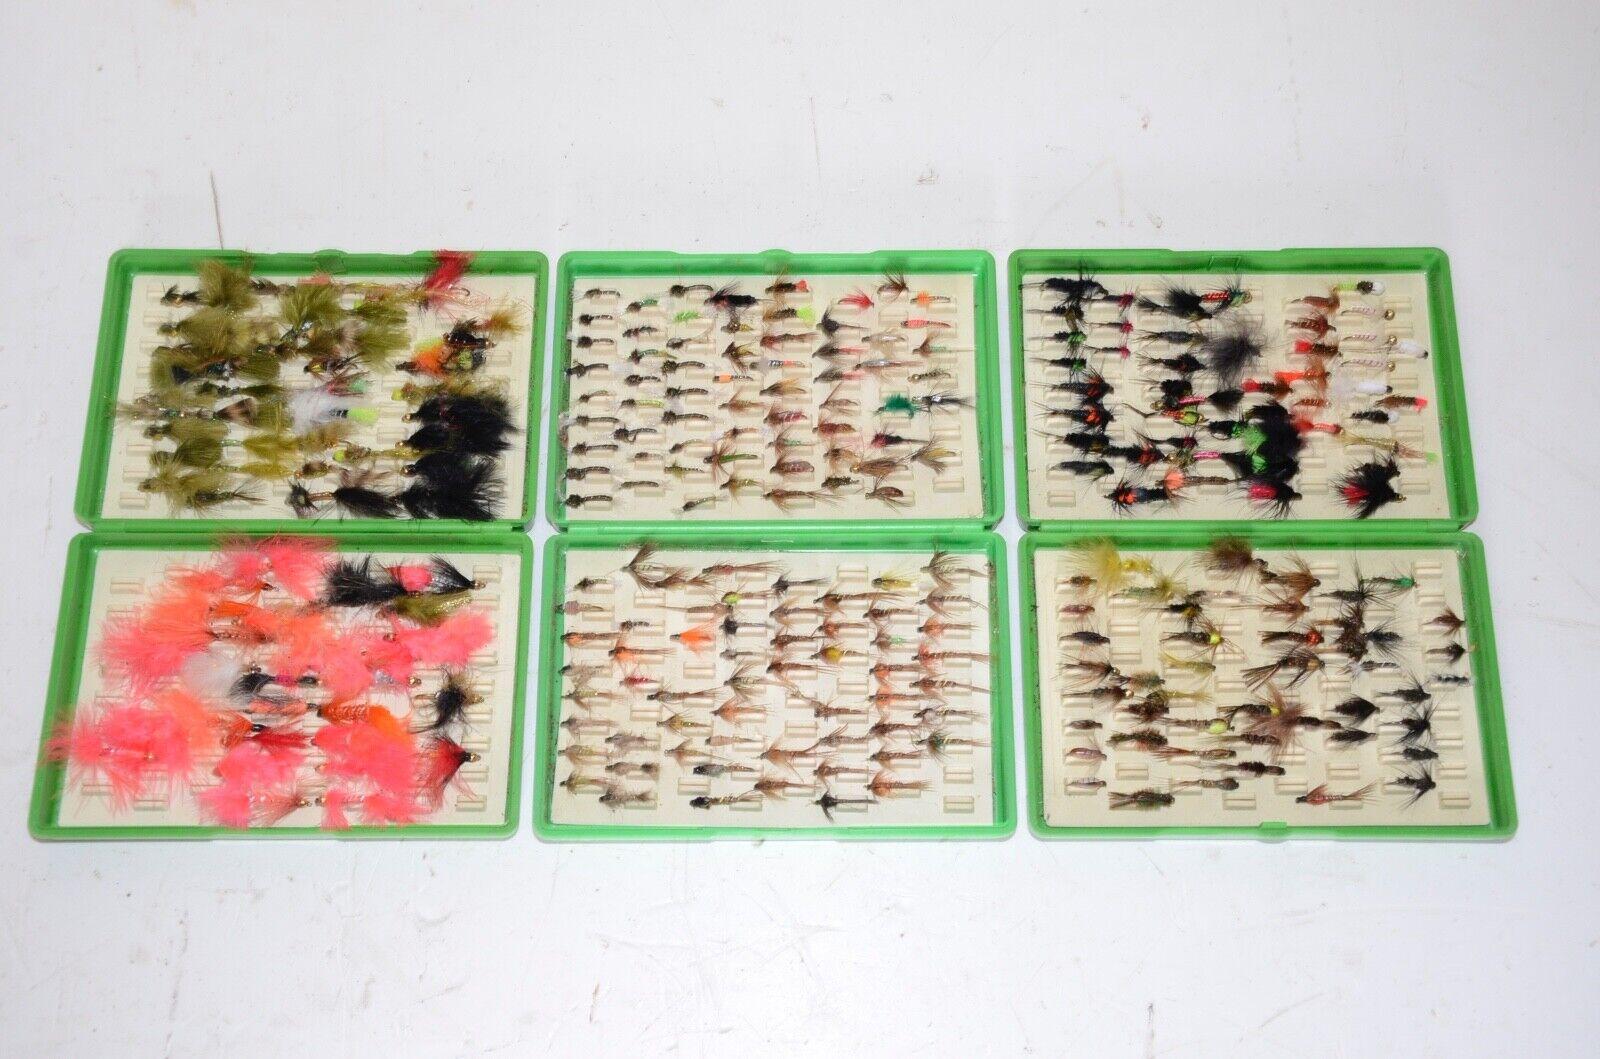 Colección moscas ninfas señuelos de pesca con mosca. 3 cajas de Fox. Trucha Buzzers